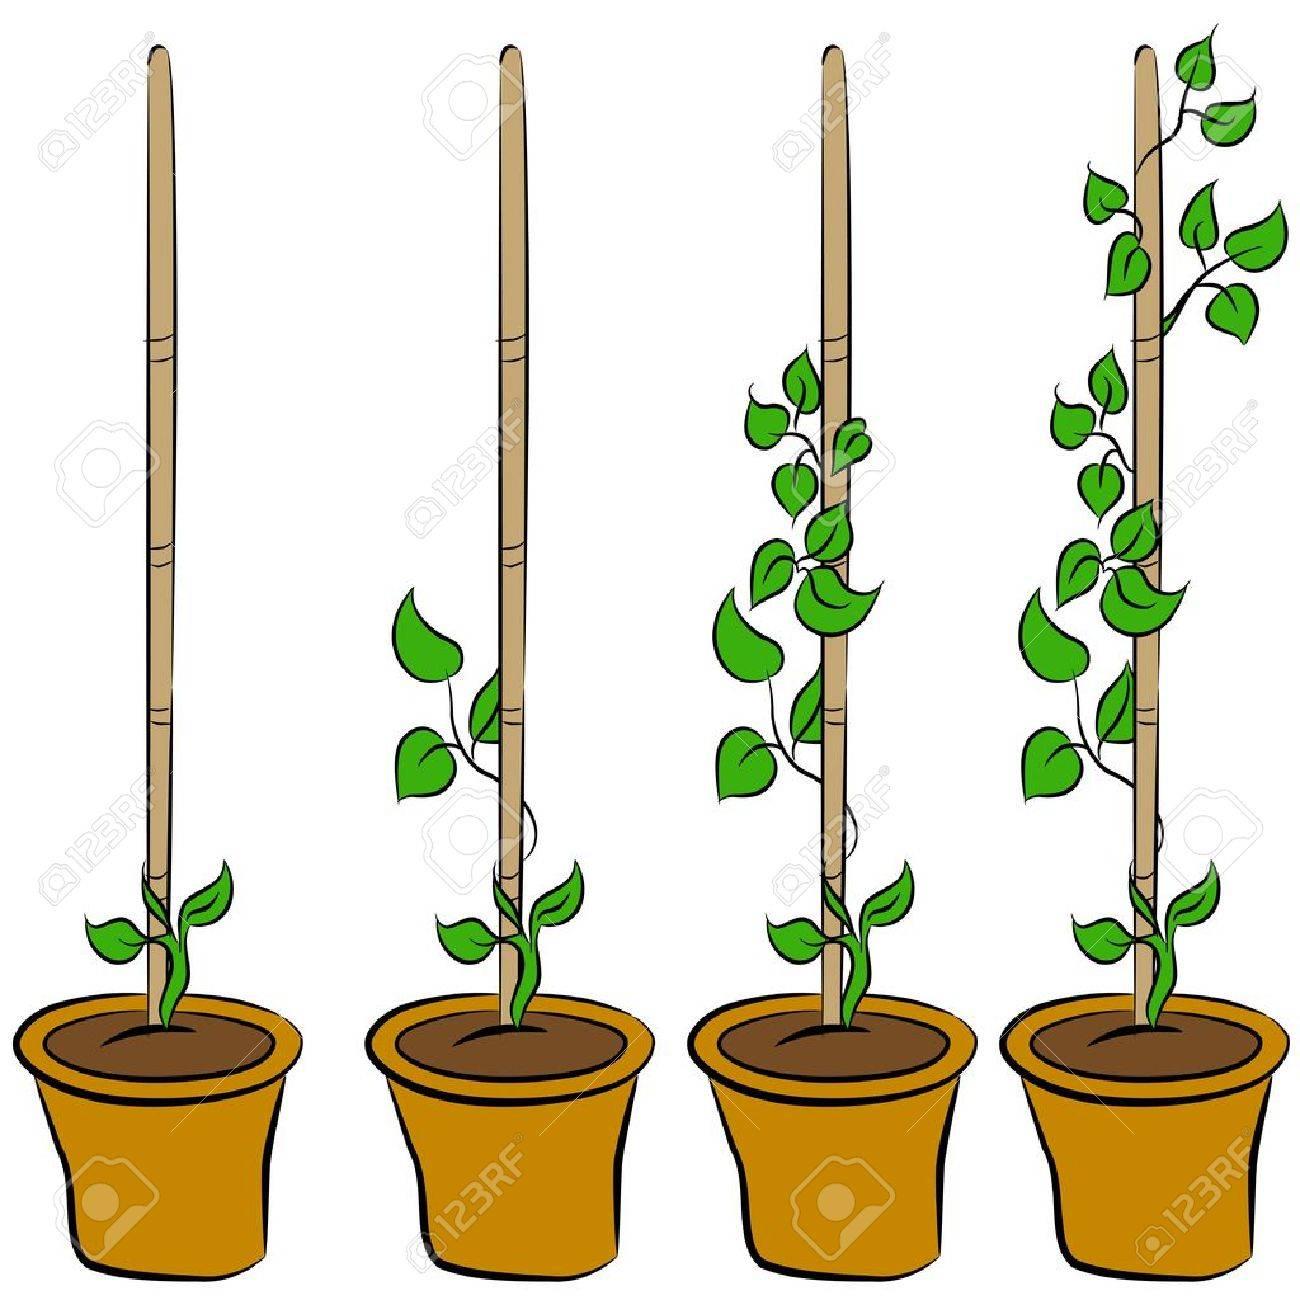 Une Image Des étapes D Une Plante En Croissance